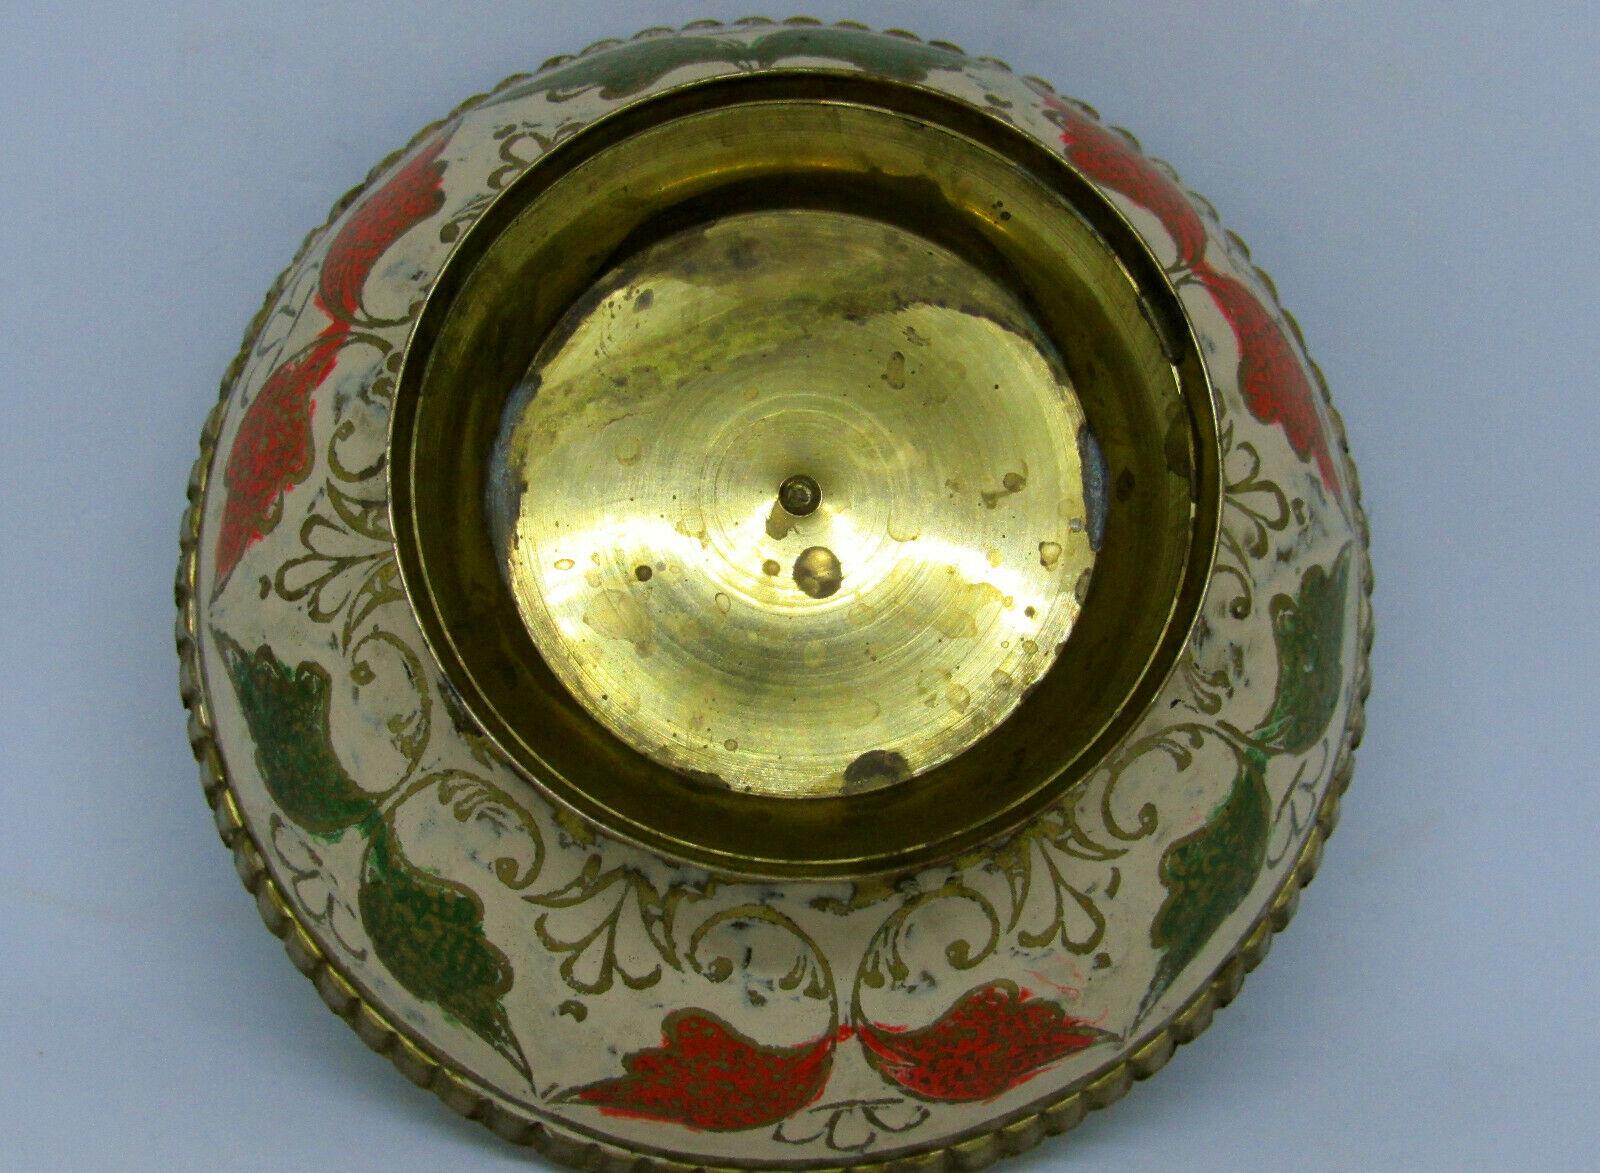 Vintage Brass Ornate Peacock Enameled Bowl on Pedestal image 7